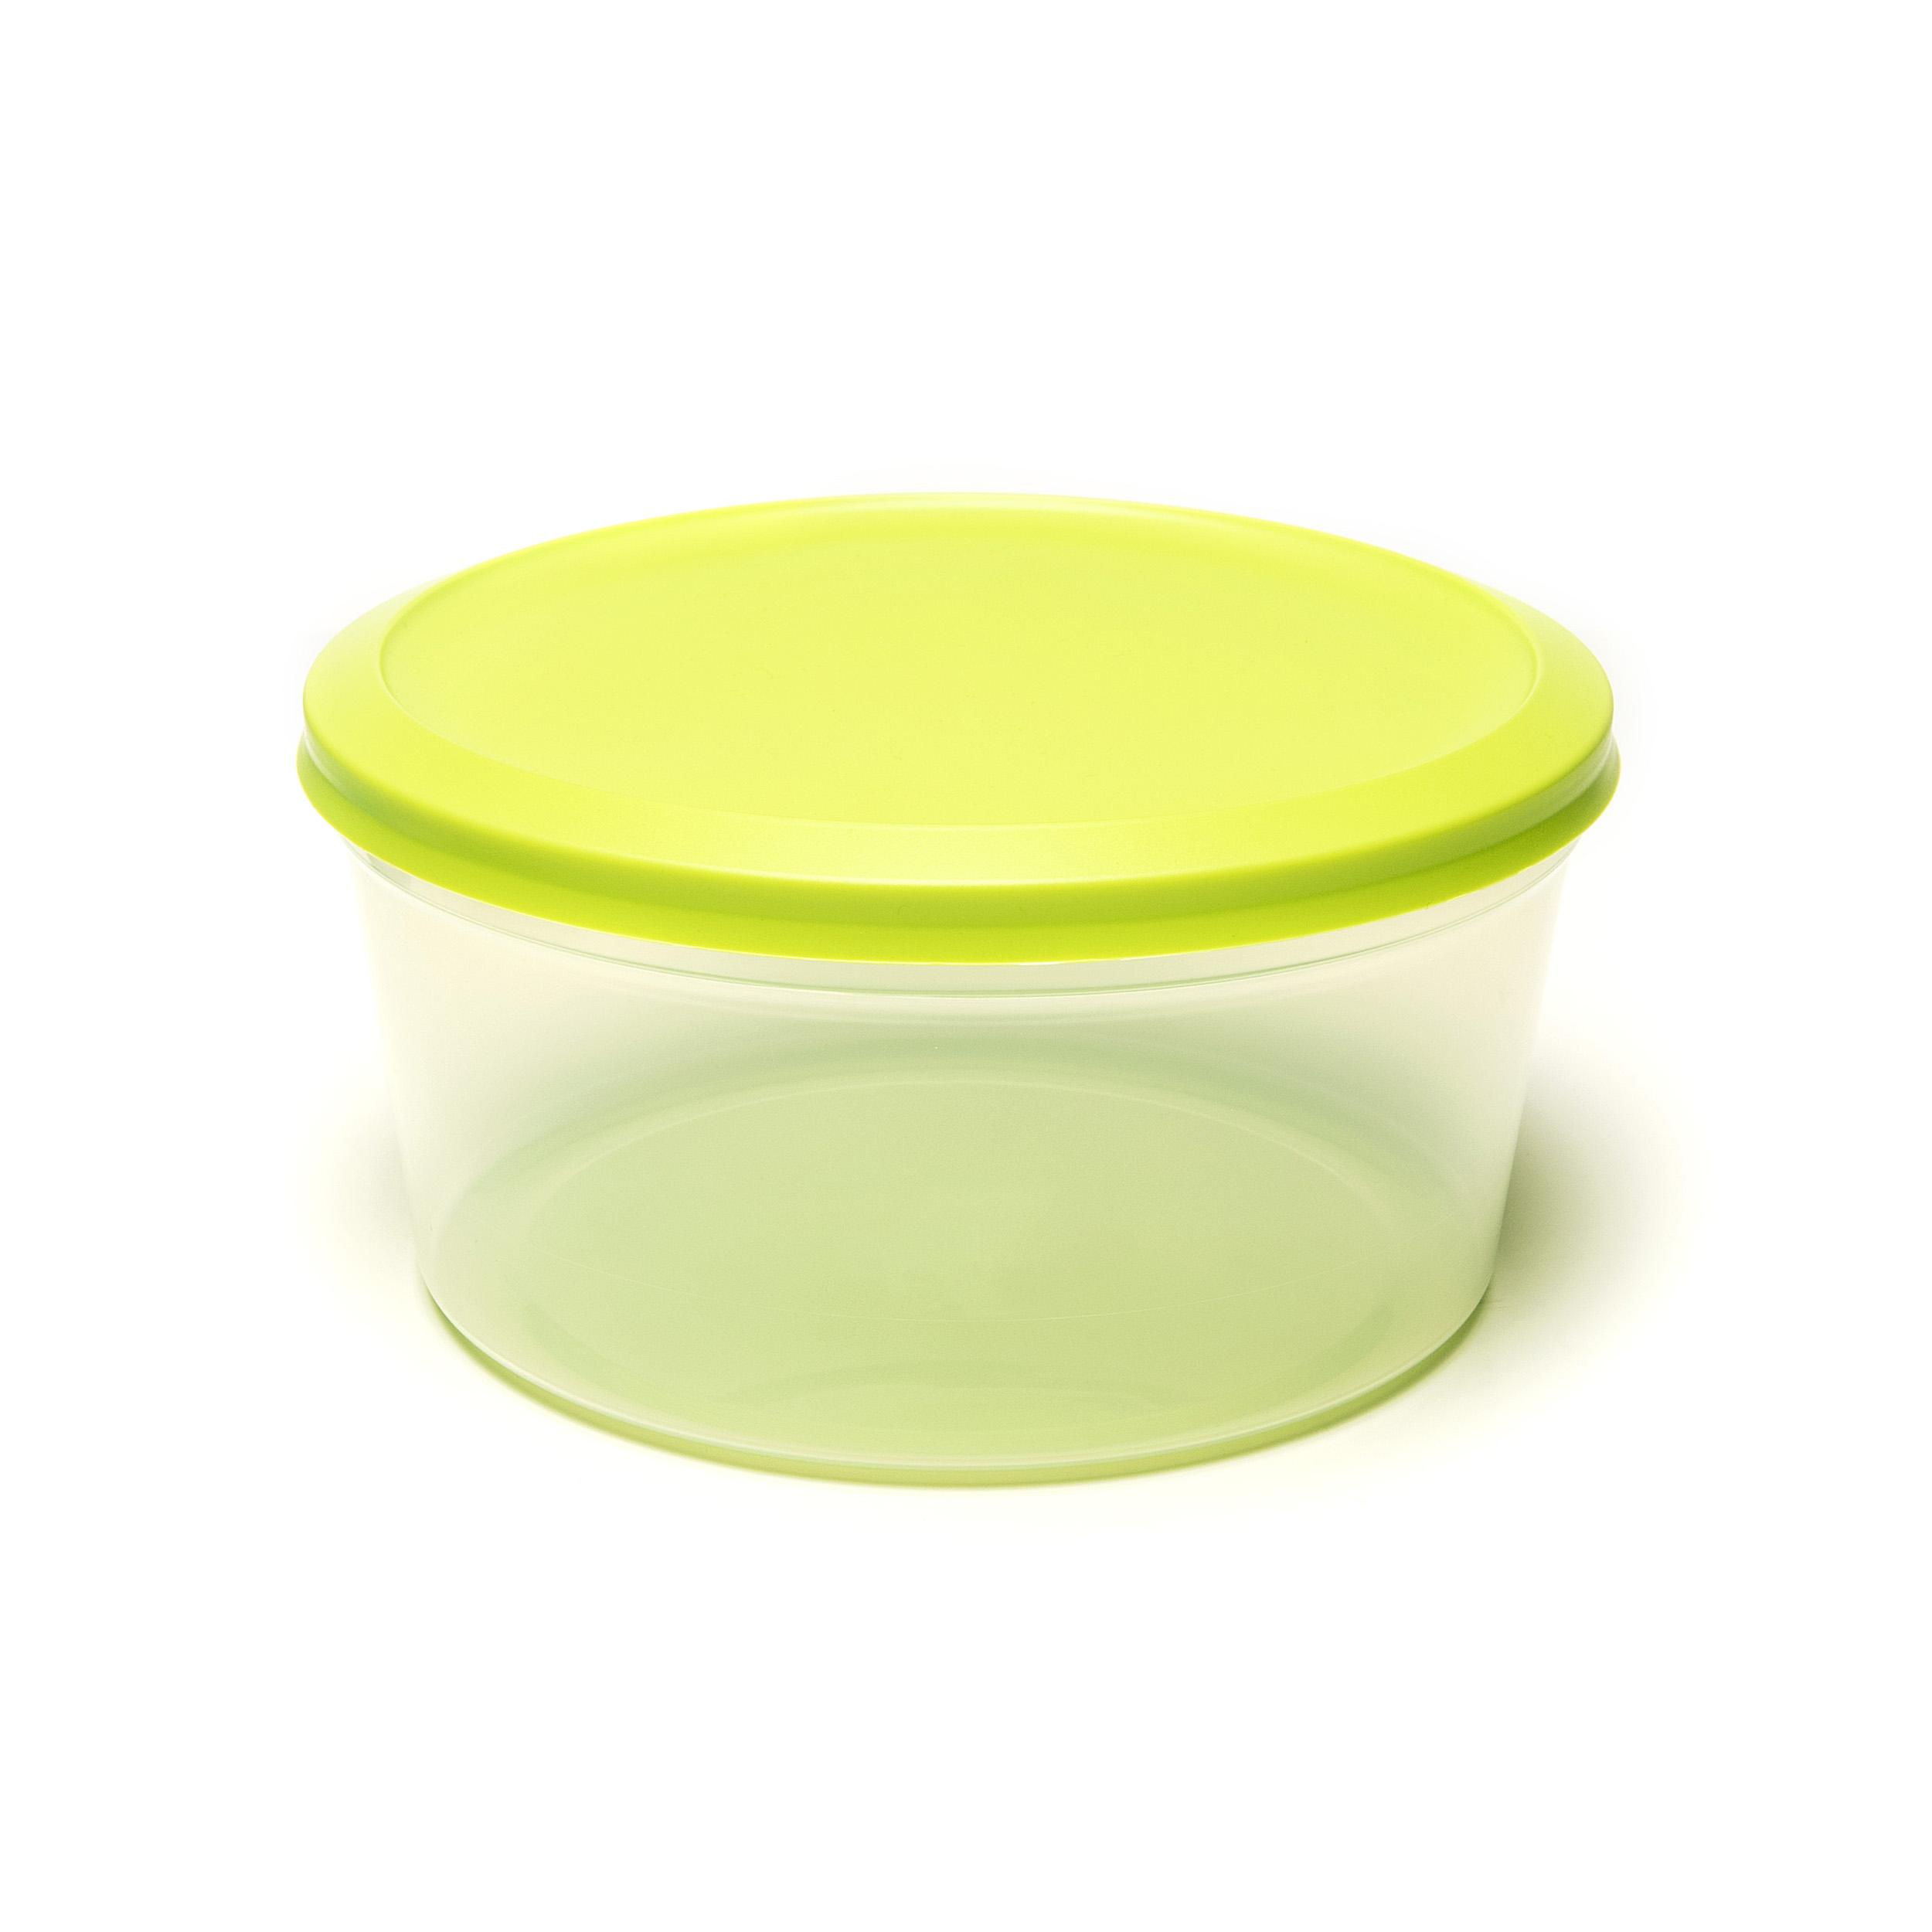 Vacutop Round 4000ml - .... Super fresh food? Keep it in a VacuTop® box. Thanks to its hermetic seal, your food will remain noticeably fresher for longer. Stack and store? It's easy peasy. Your VacuTop® is indestructible: it will stand up to the dishwasher and microwave – provided you remove the lid when using the latter. ..Un repas d'une fraîcheur exquise ? Une boîte VacuTop® vous le garantira. Grâce à sa fermeture hermétique, vos aliments restent frais vraiment plus longtemps. L'empiler et la ranger ? Simple comme bonjour. Votre VacuTop® est inusable : elle convient pour le lave-vaisselle et micro-ondes – pour autant que vous en enleviez le couvercle. ..Kraakvers eten? Dat bewaar je in een VacuTop®-doos. Dankzij de hermetische afsluiting blijft je eten merkbaar langer vers. Stapelen en wegbergen? Een fluitje van een cent. Je VacuTop® is onverslijtbaar: hij is bestand tegen vaatwasser en microgolfoven – zolang je bij die laatste het deksel maar verwijdert. ..Knackfrische Speisen? Die sollten Sie in einem VacuTop®-Behälter aufbewahren. Dank des hermetischen Verschlusses bleiben Ihre Speisen spürbar länger frisch. Stapeln und aufbewahren? Das ist ein Kinderspiel. Ihr VacuTop® ist unverwüstlich: Er ist spülmaschinenfest und mikrowellengeeignet – solange Sie in der Mikrowelle den Deckel entfernen. ....